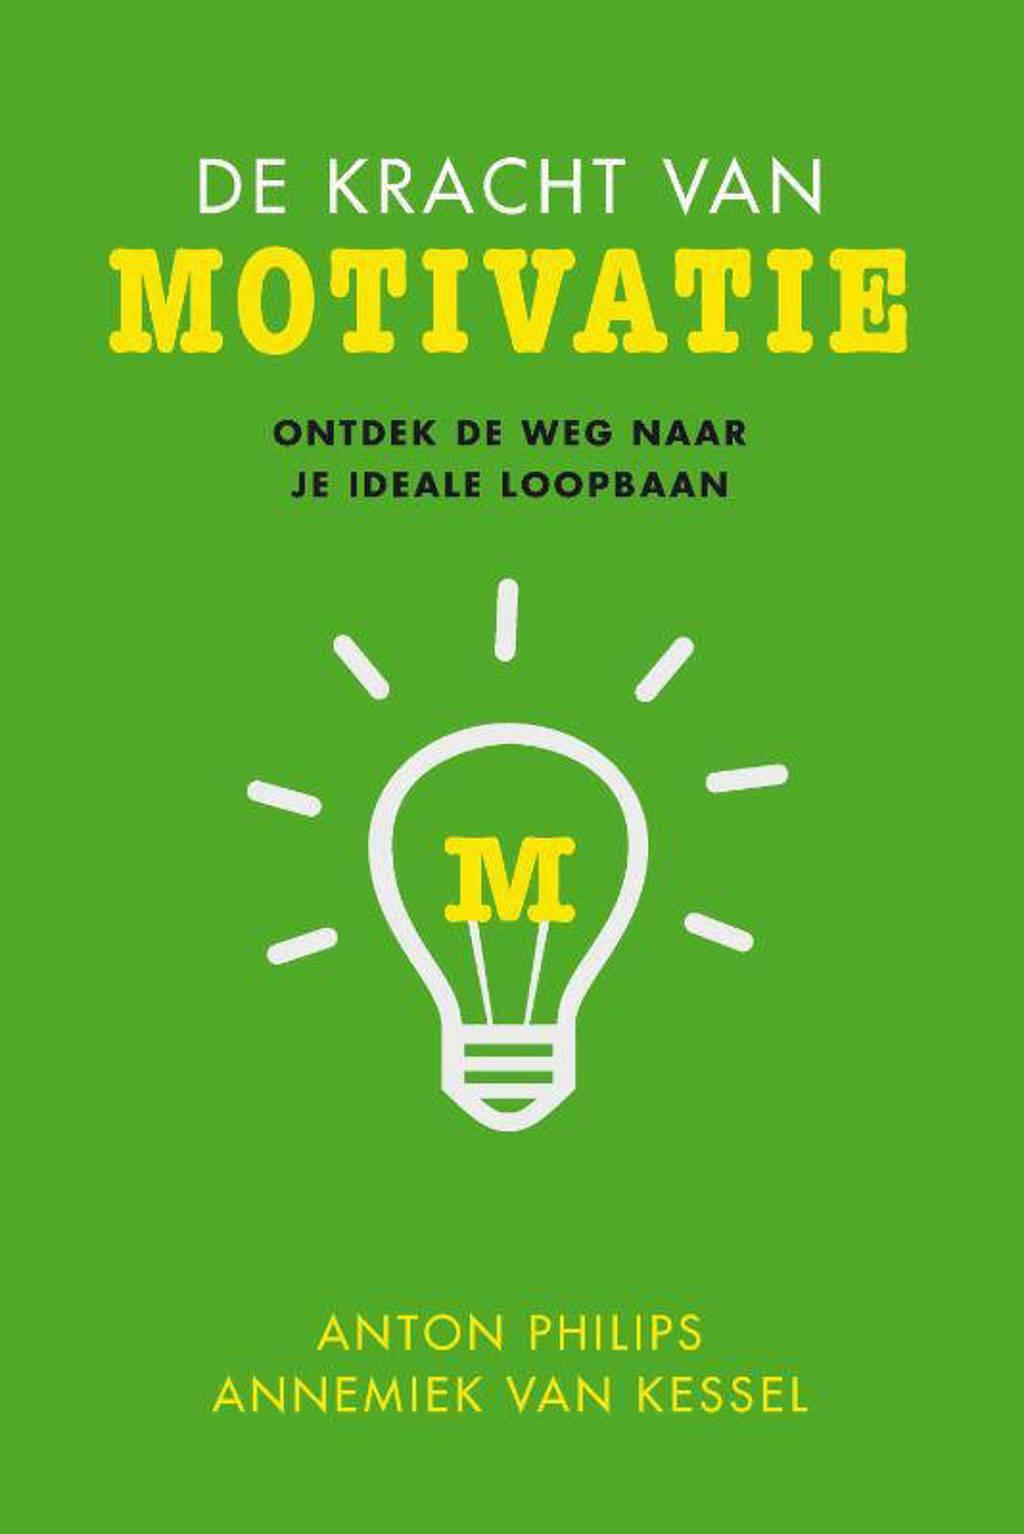 De kracht van motivatie - Anton Philips en Annemiek van Kessel